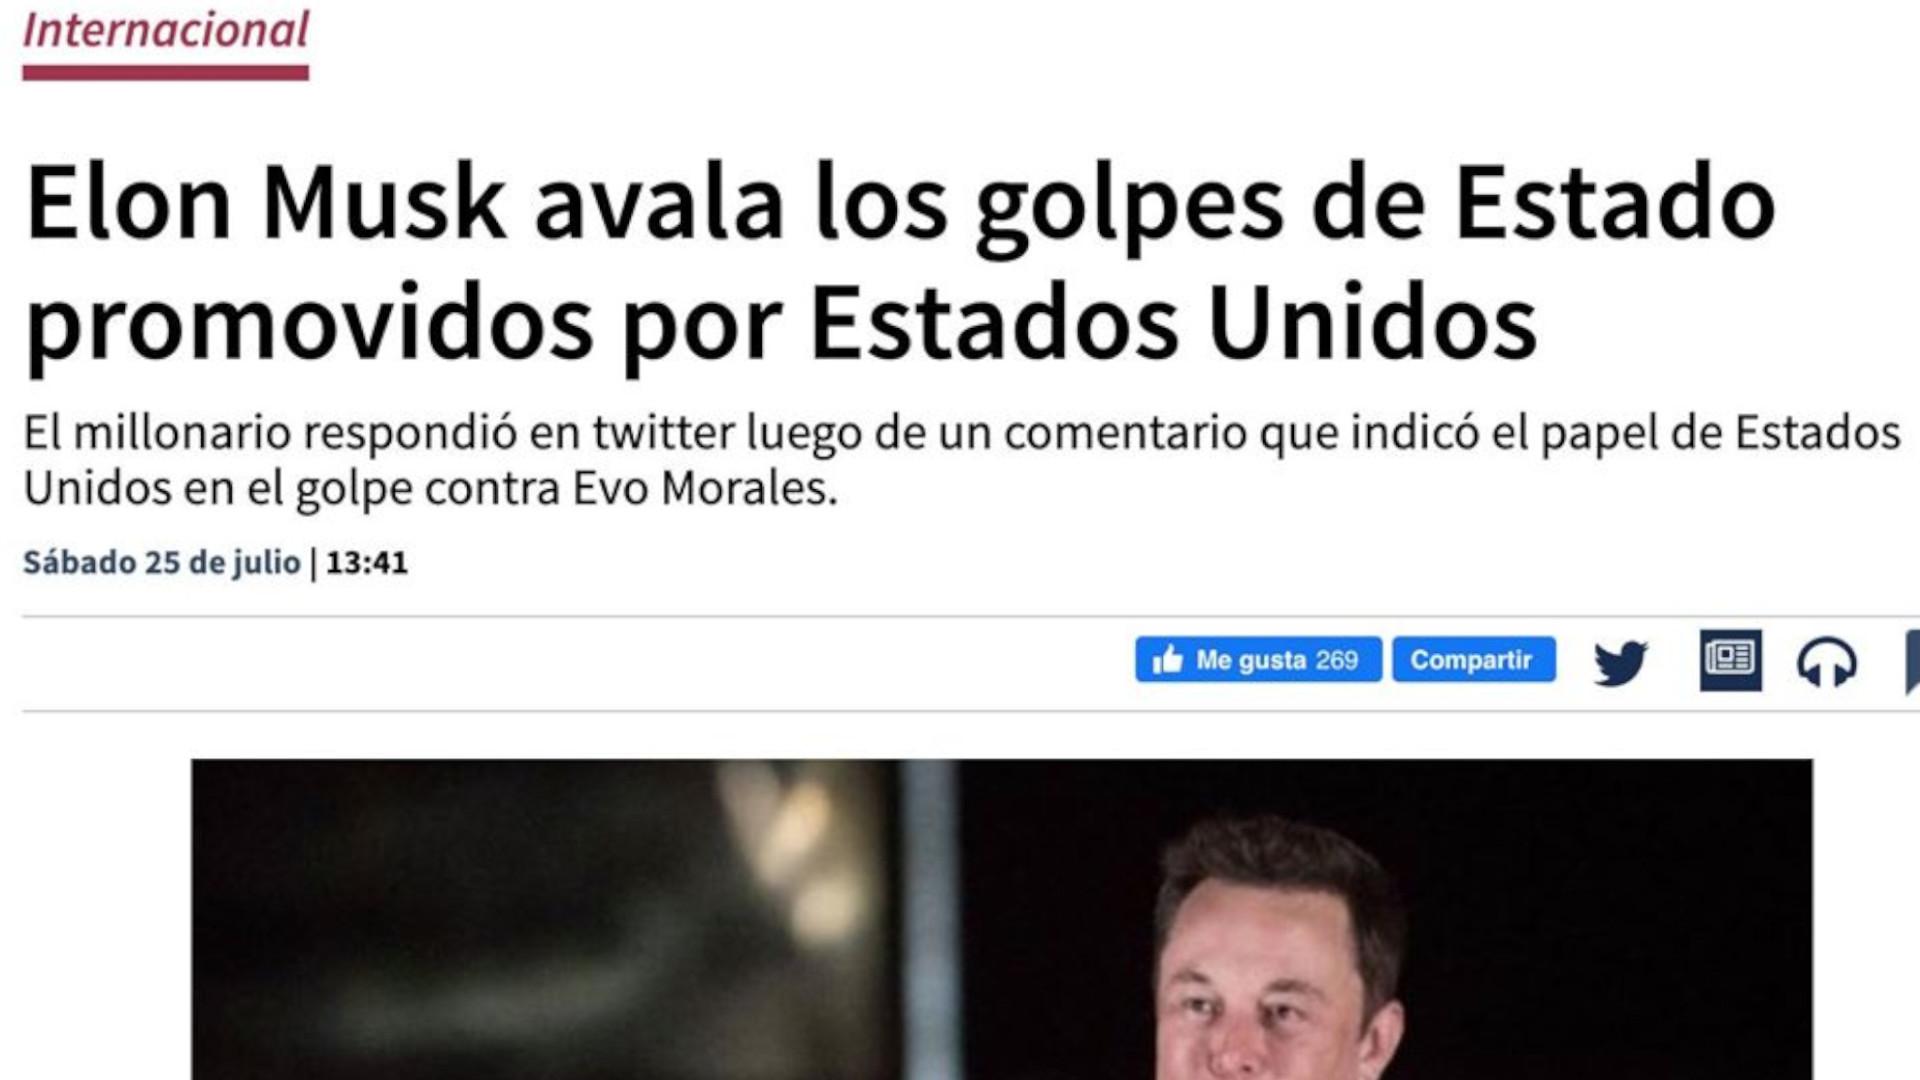 La confesión de Elon Musk sobre el golpe en Bolivia por el litio ya es noticia mundial